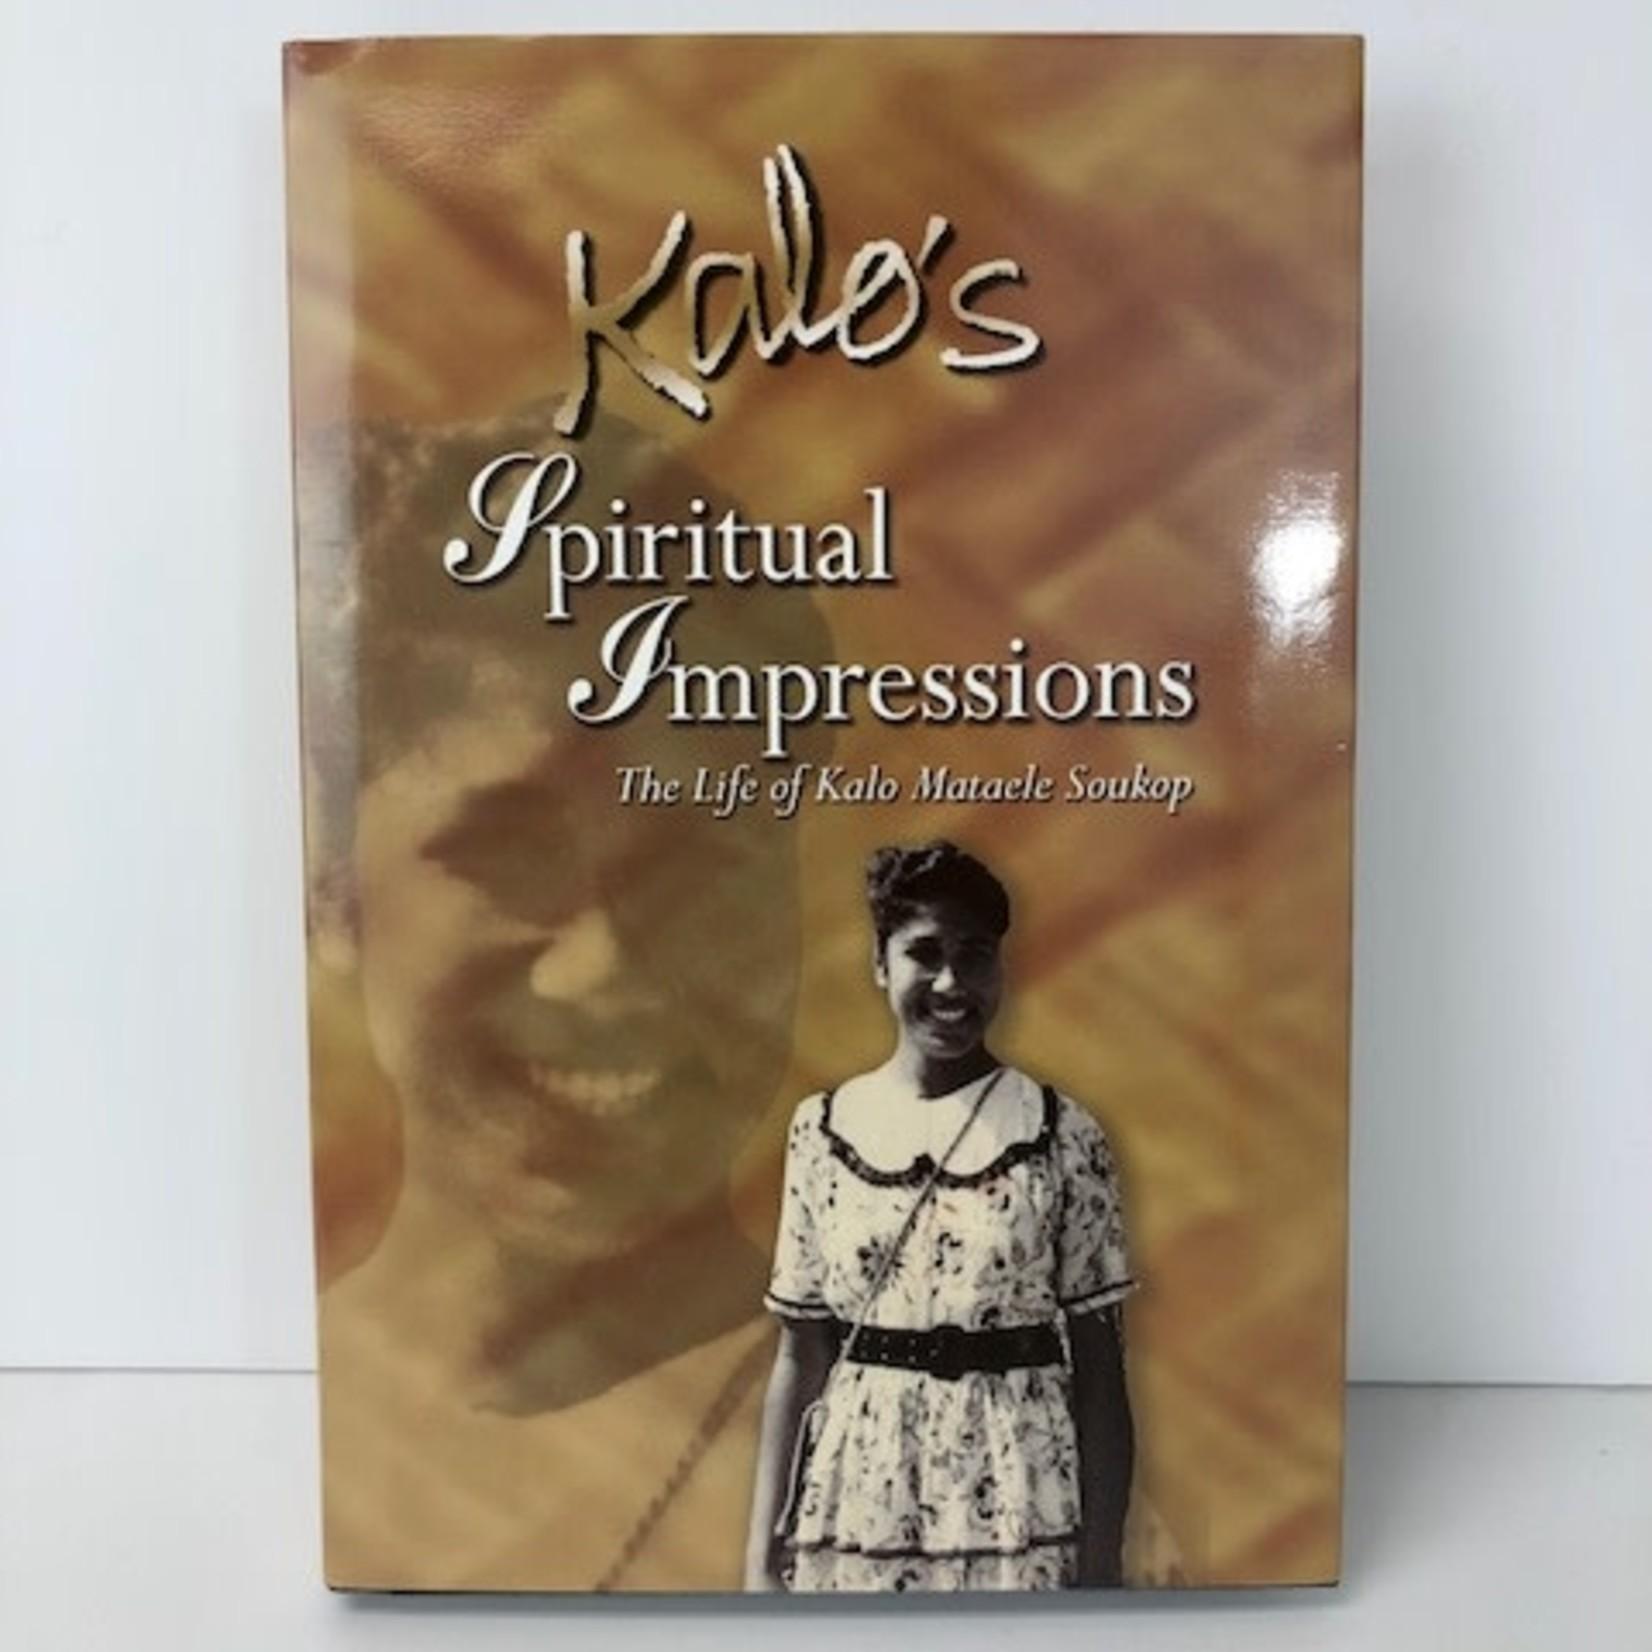 Kalo's Spiritual Impressions. The Life of Kalo Mataele